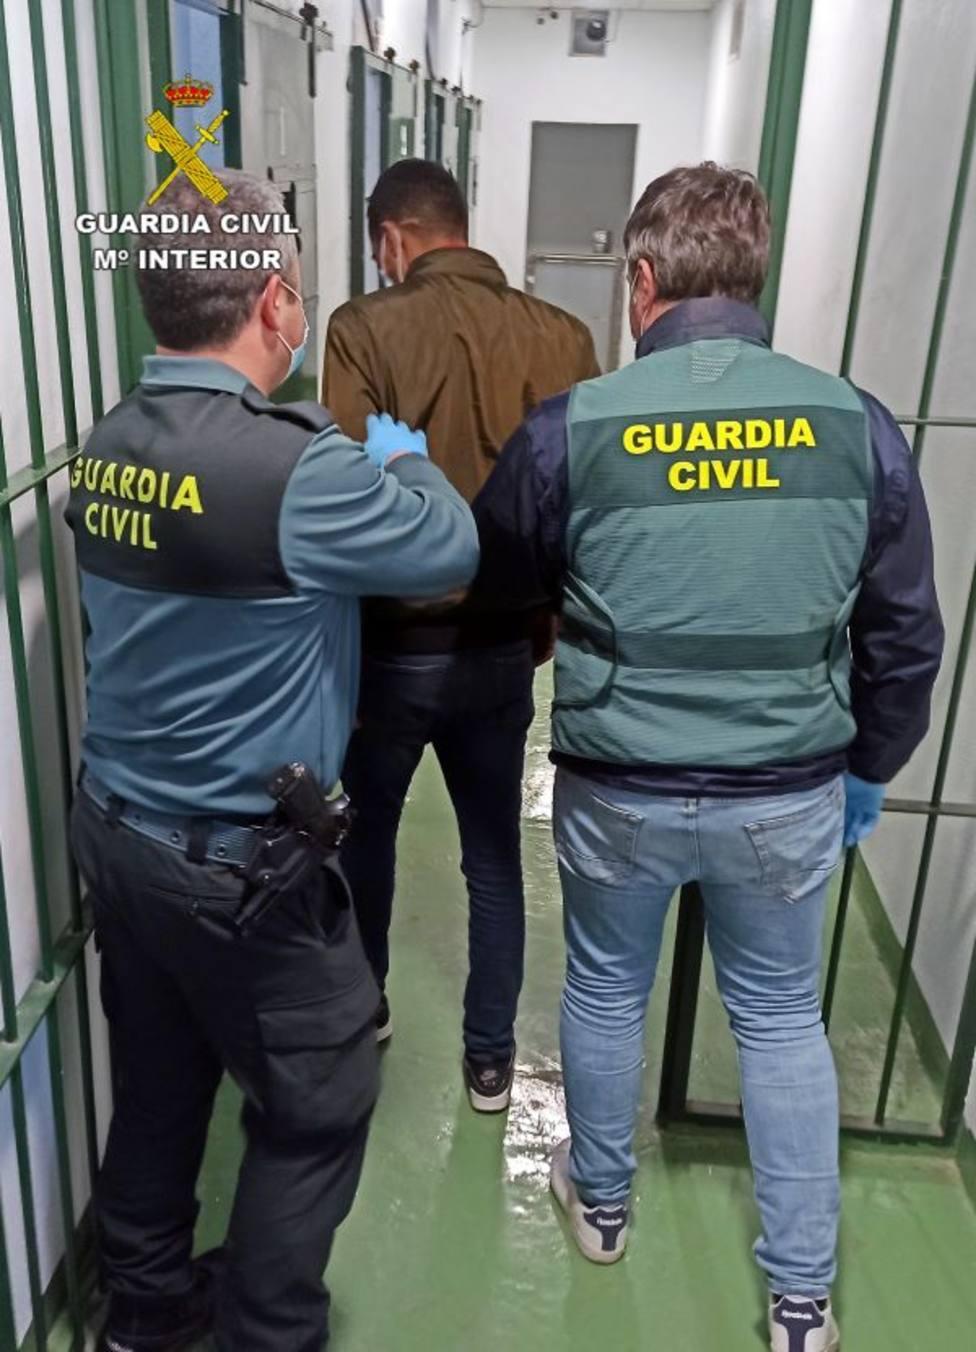 La Guardia Civil detiene en Torre Pacheco a un experimentado delincuente buscado por la justicia